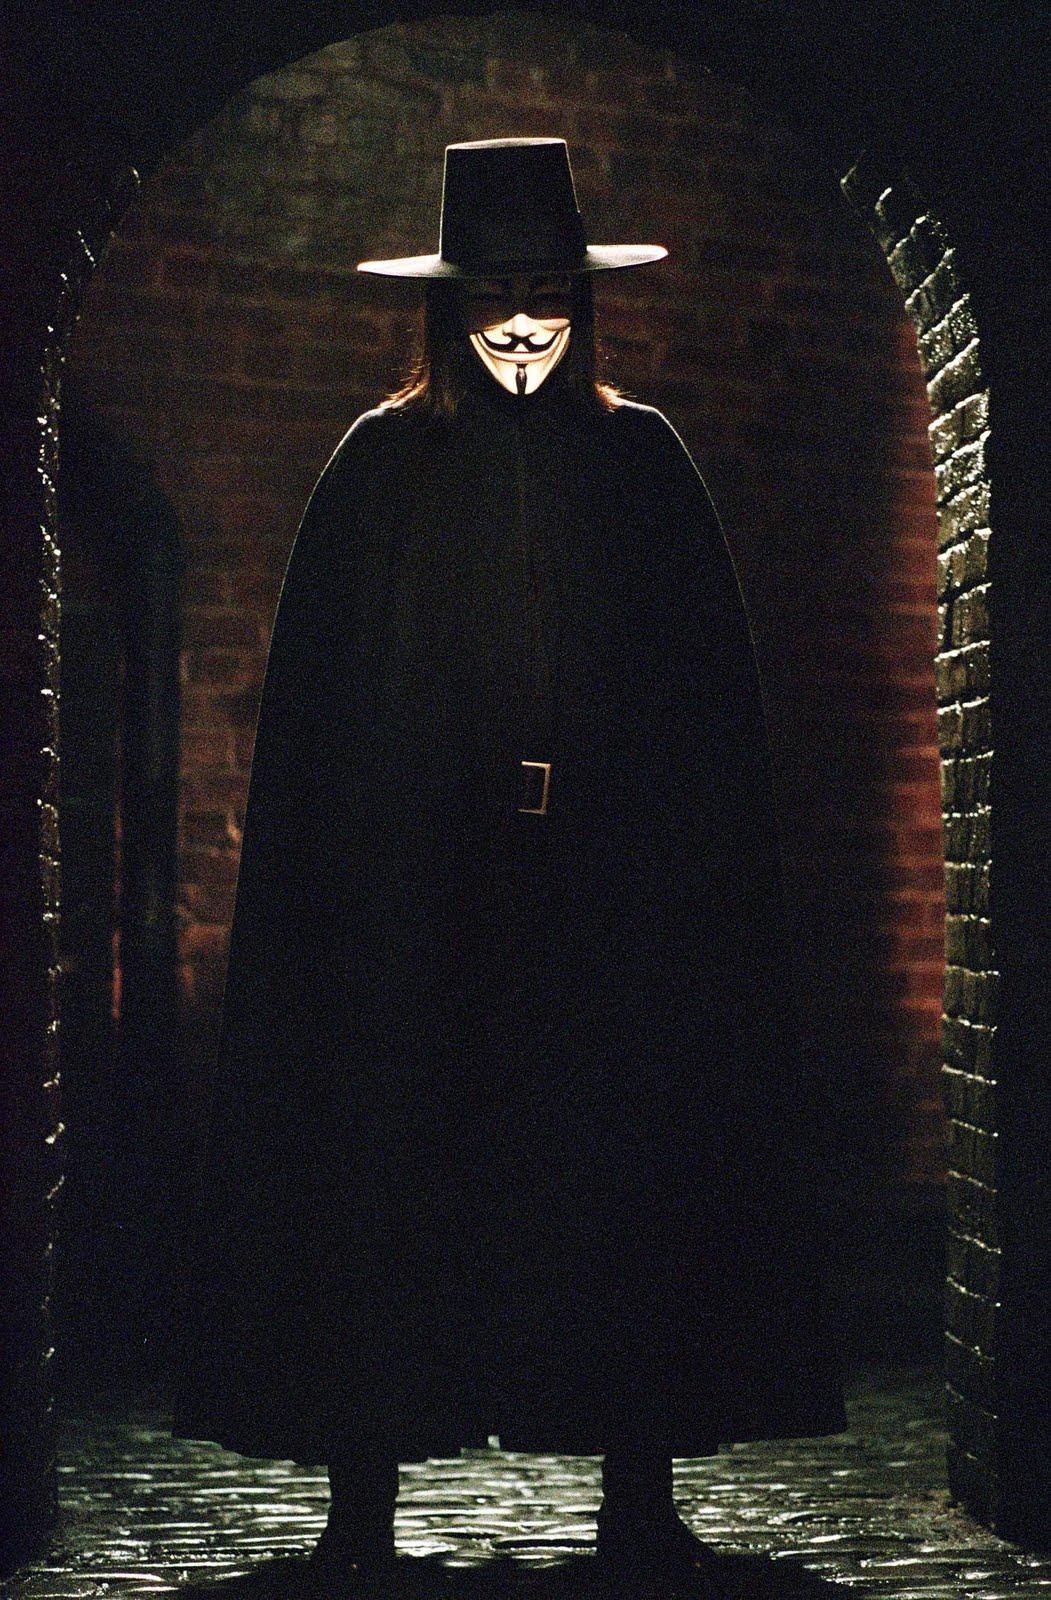 V for Vendetta and 1984 Comparison Essay Sample